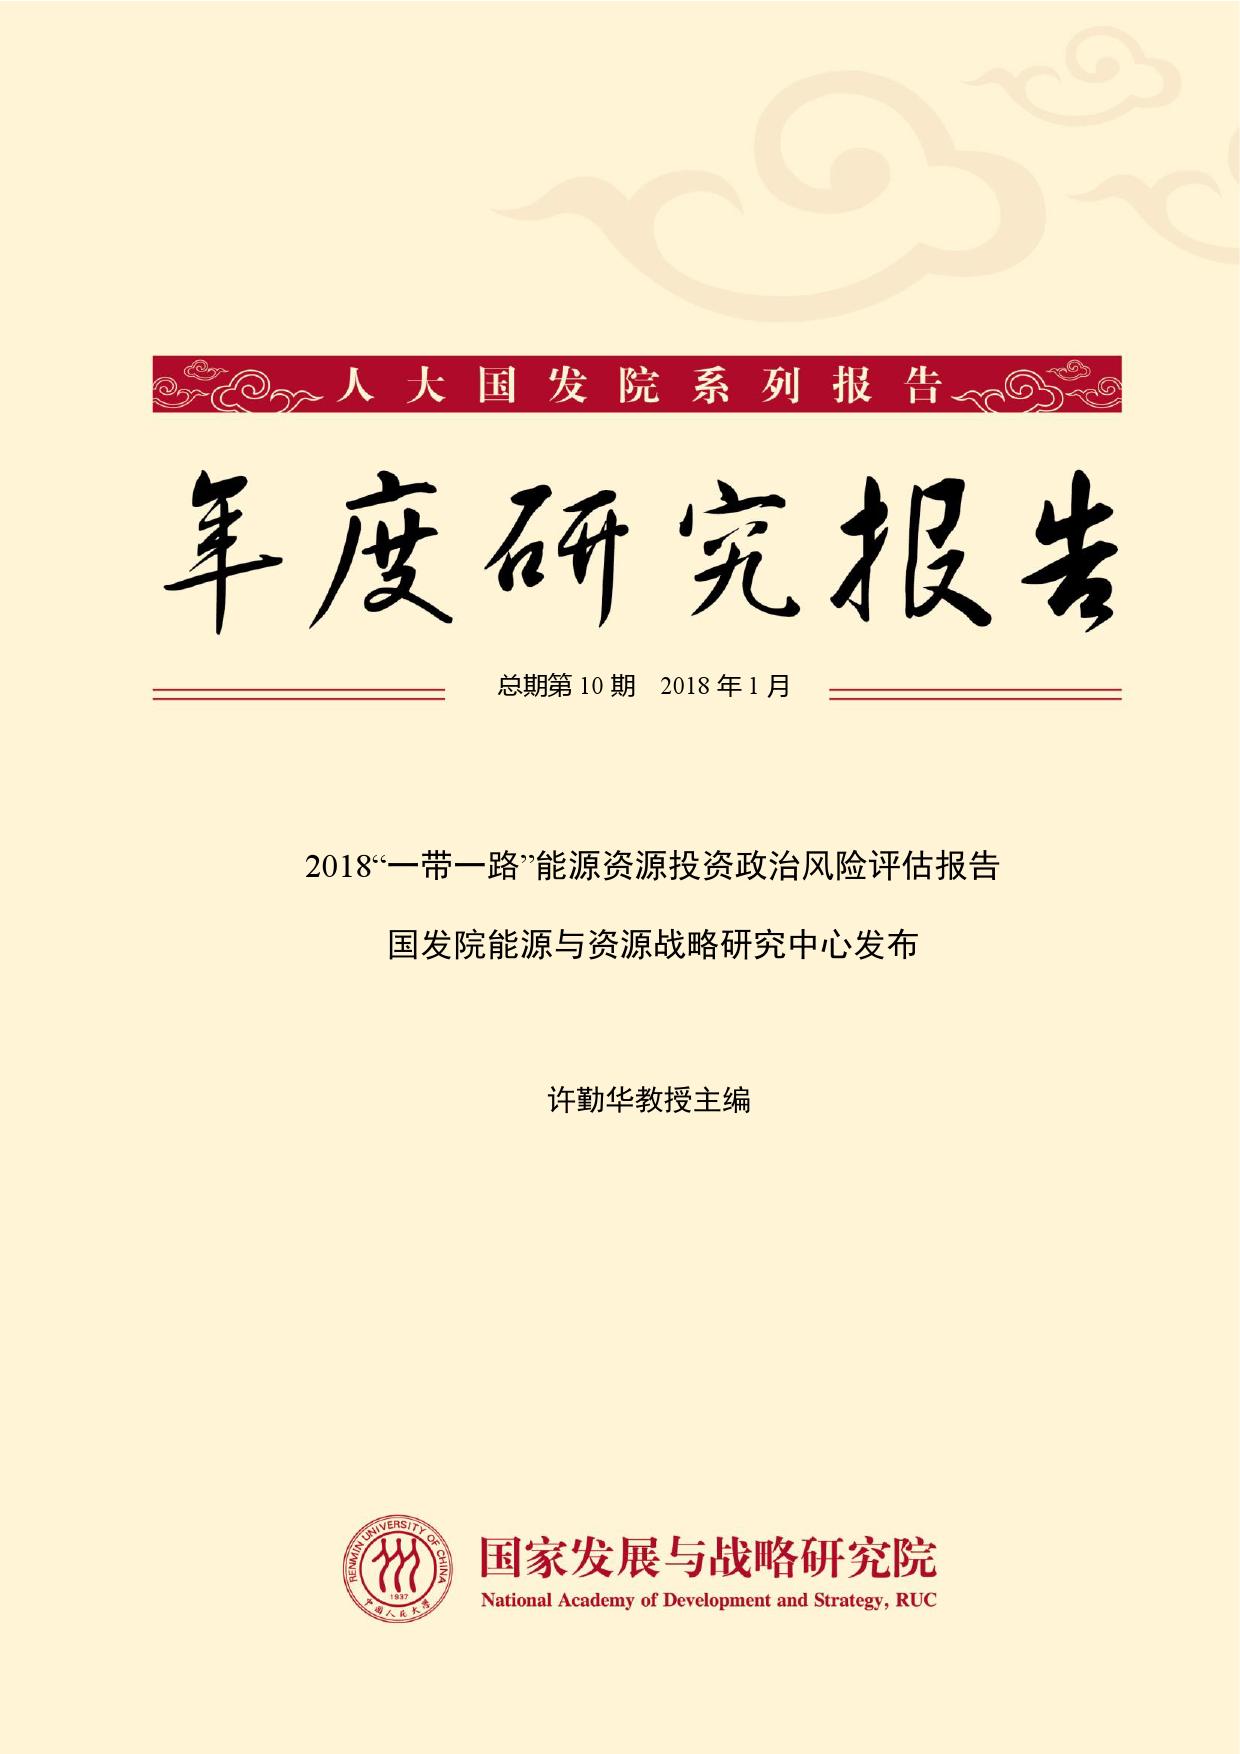 """中国人民大学:2018""""一带一路""""能源资源投资政治风险评估报告(附下载)"""